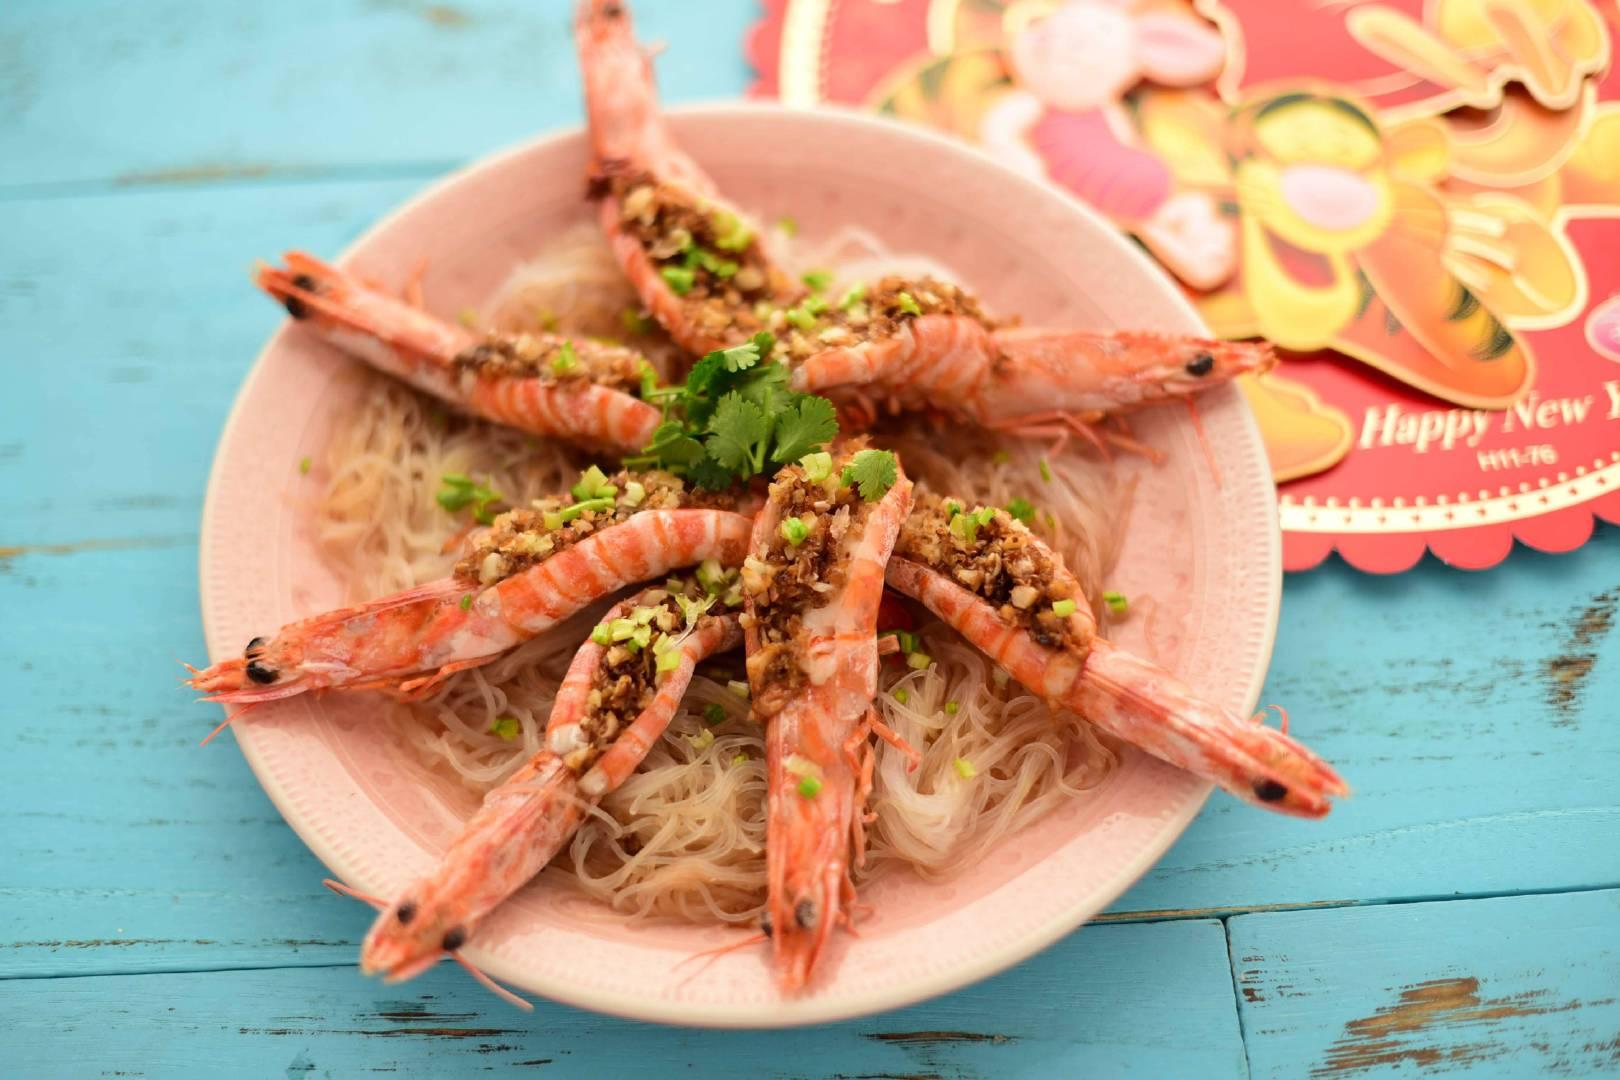 虾的营养这么高你还没给宝宝吃?这样吃虾营养高,辅食别忘添加